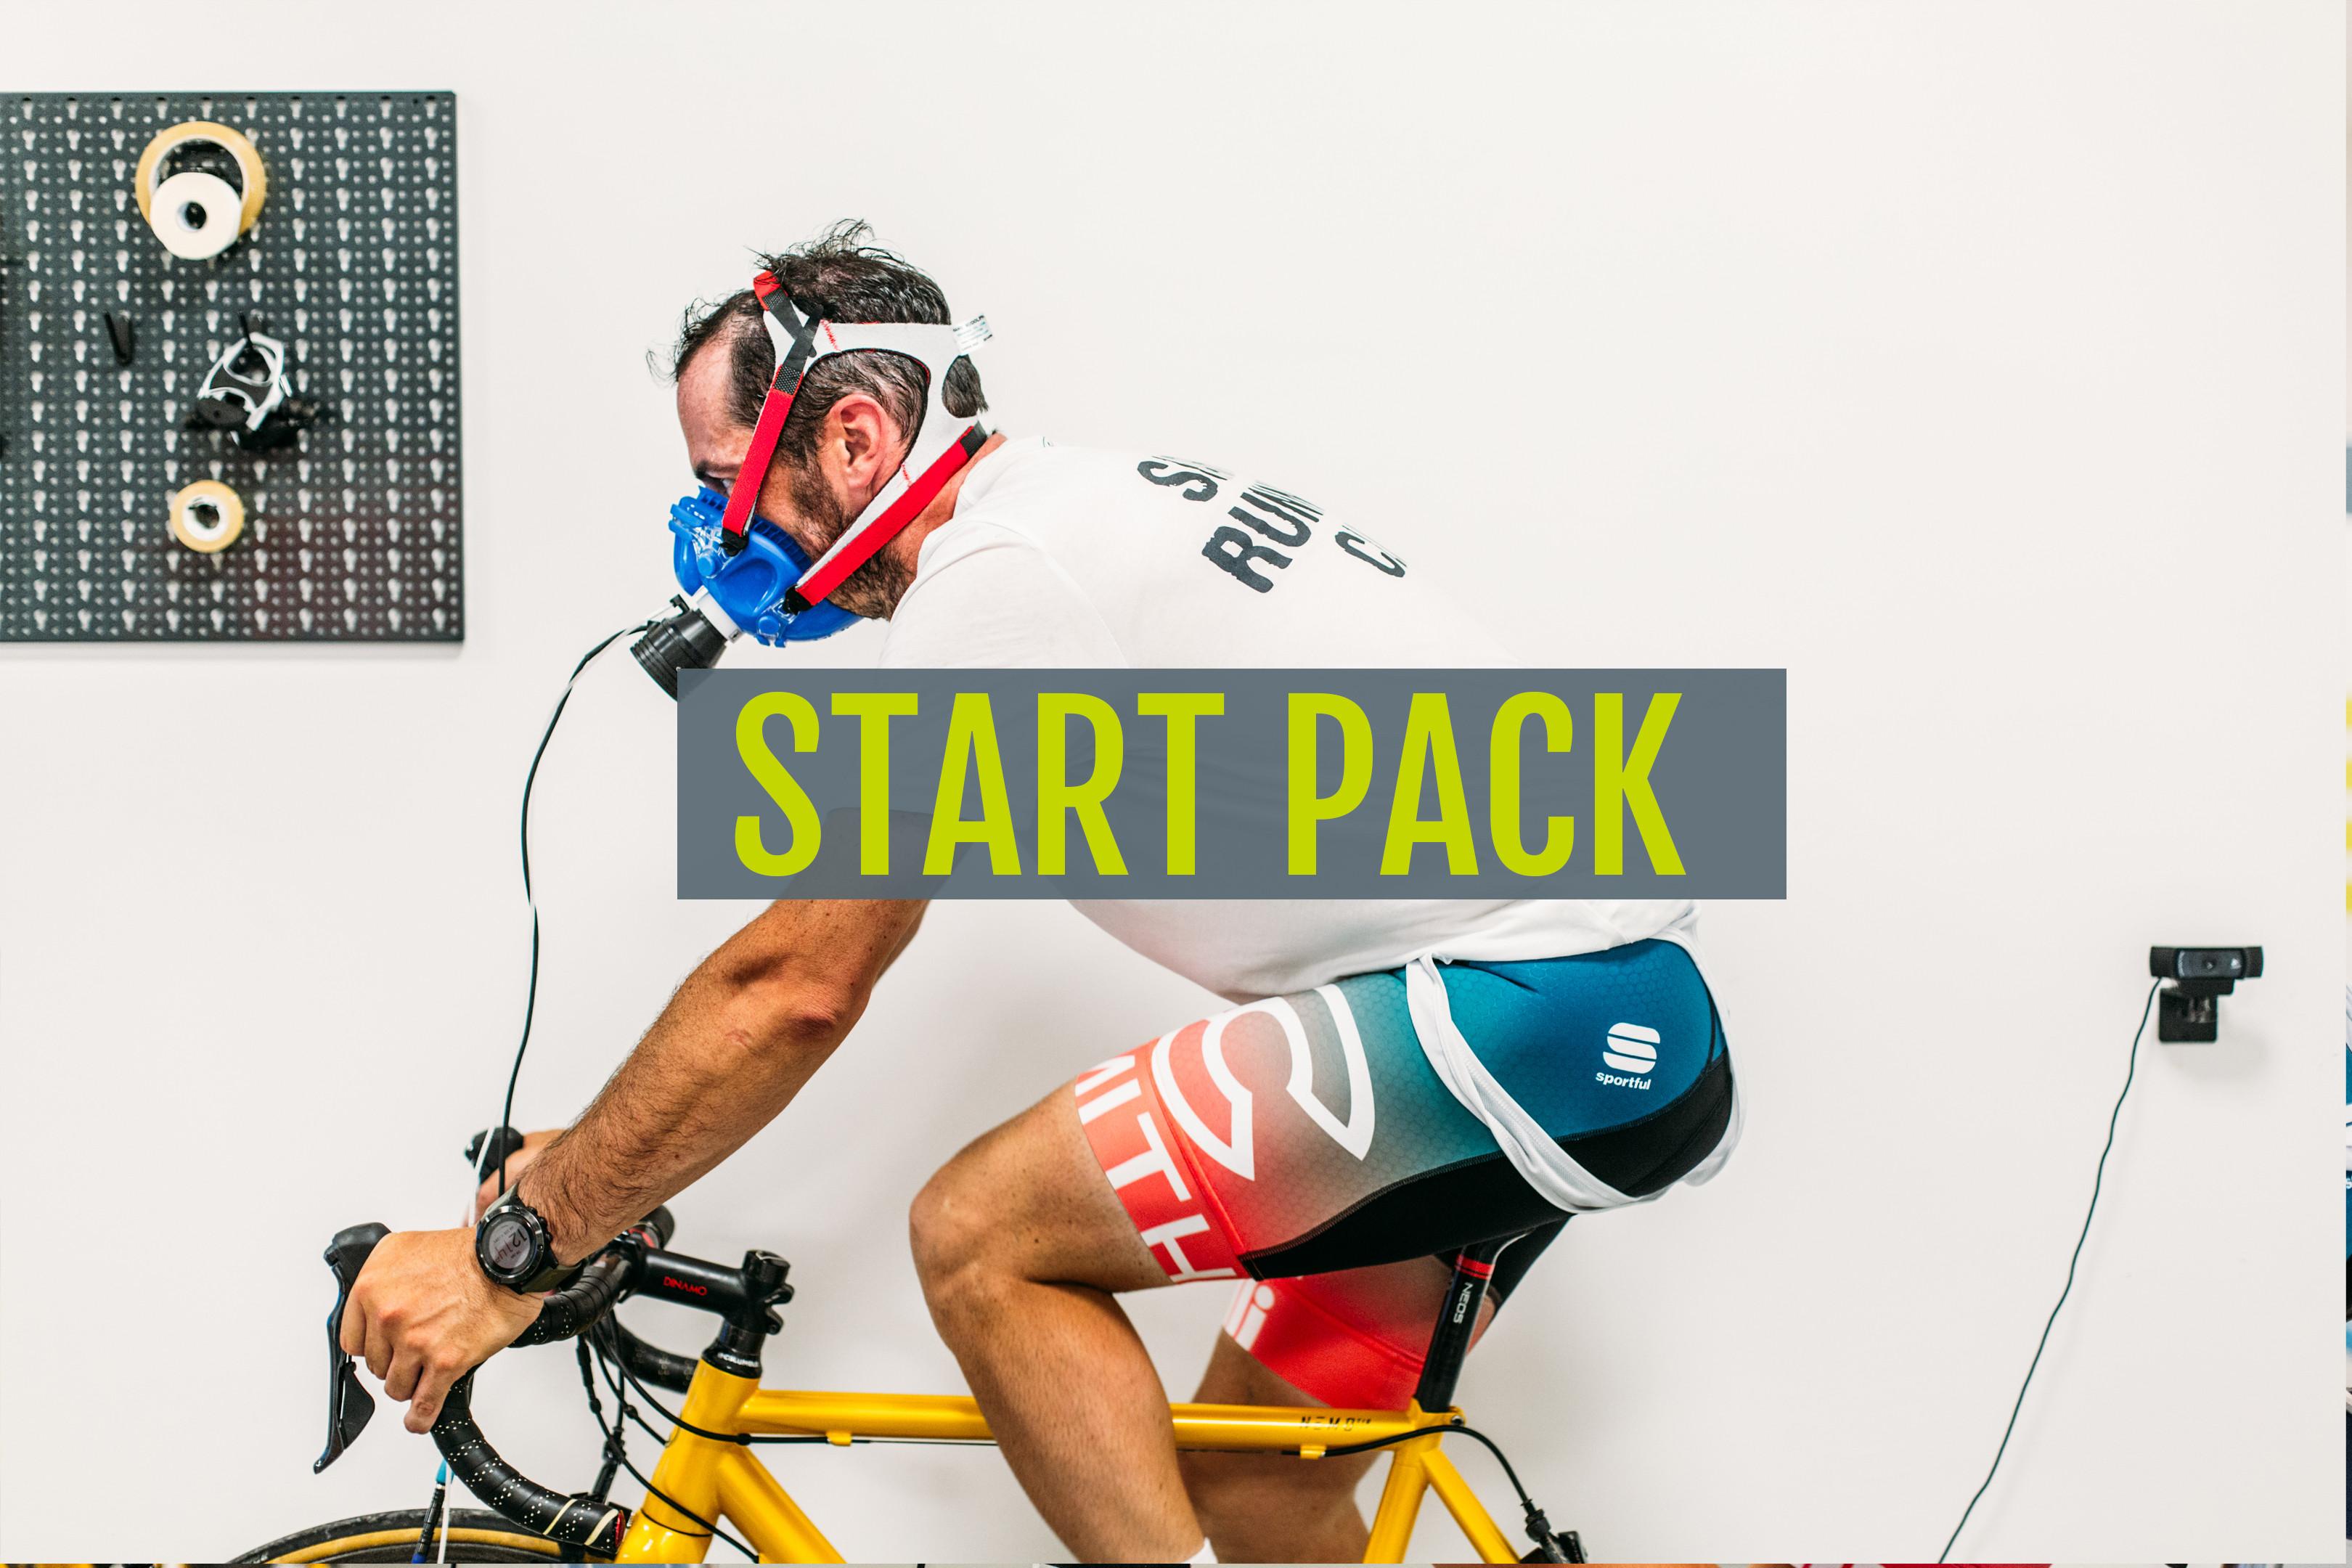 Triathlon - Start Pack